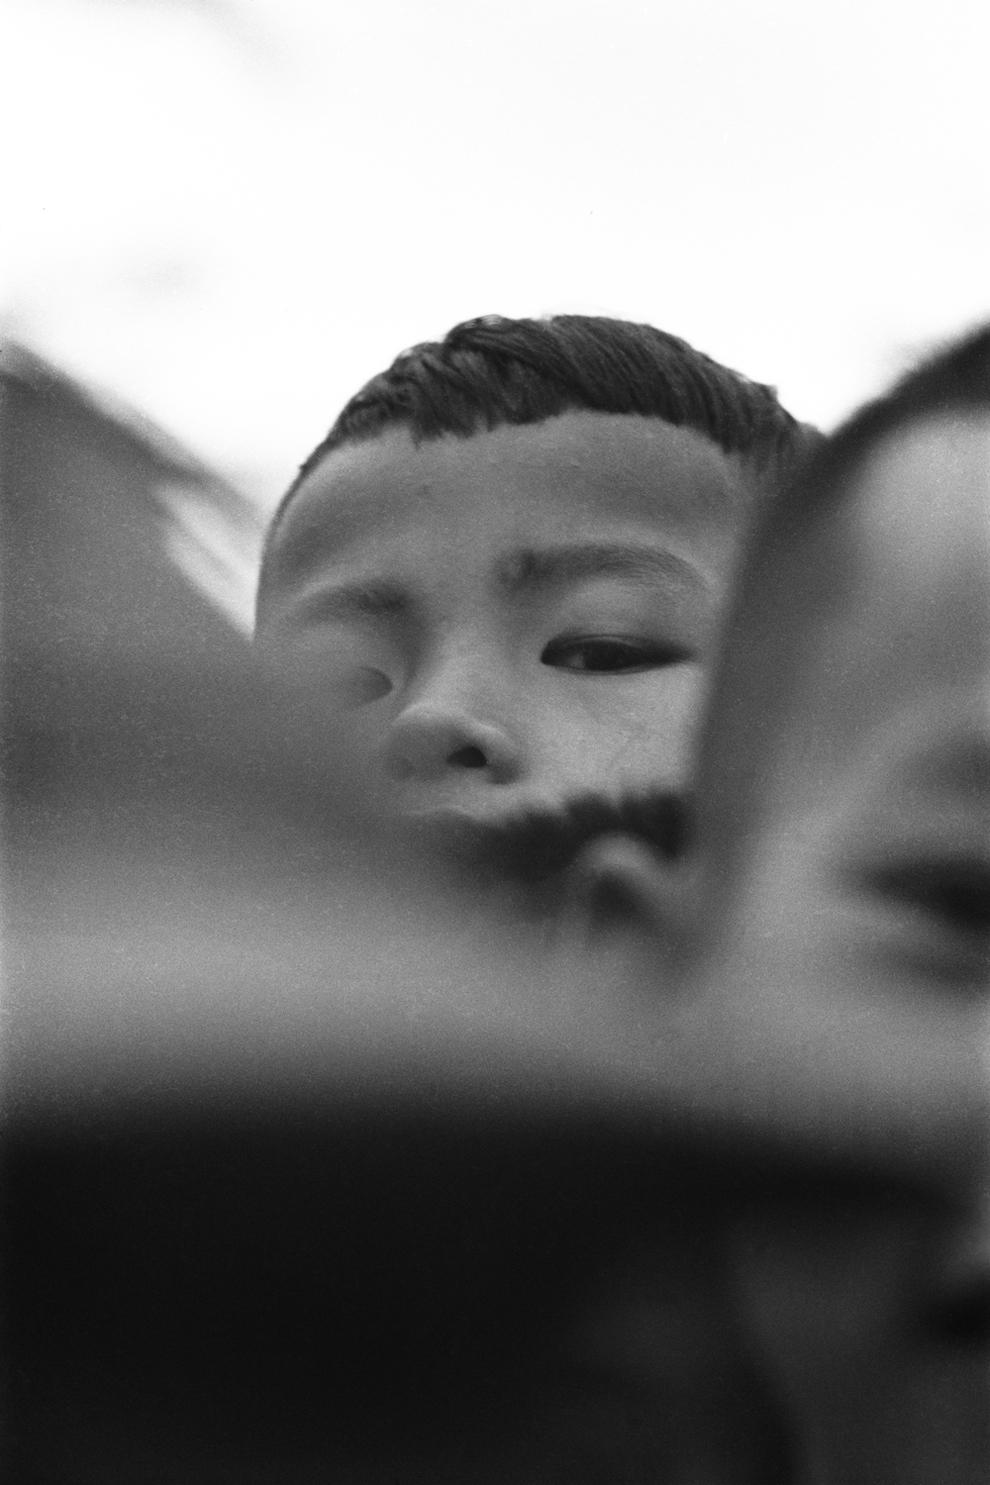 bp28 - Hình ảnh hiếm gây chấn động về cuộc chiến ở Việt Nam